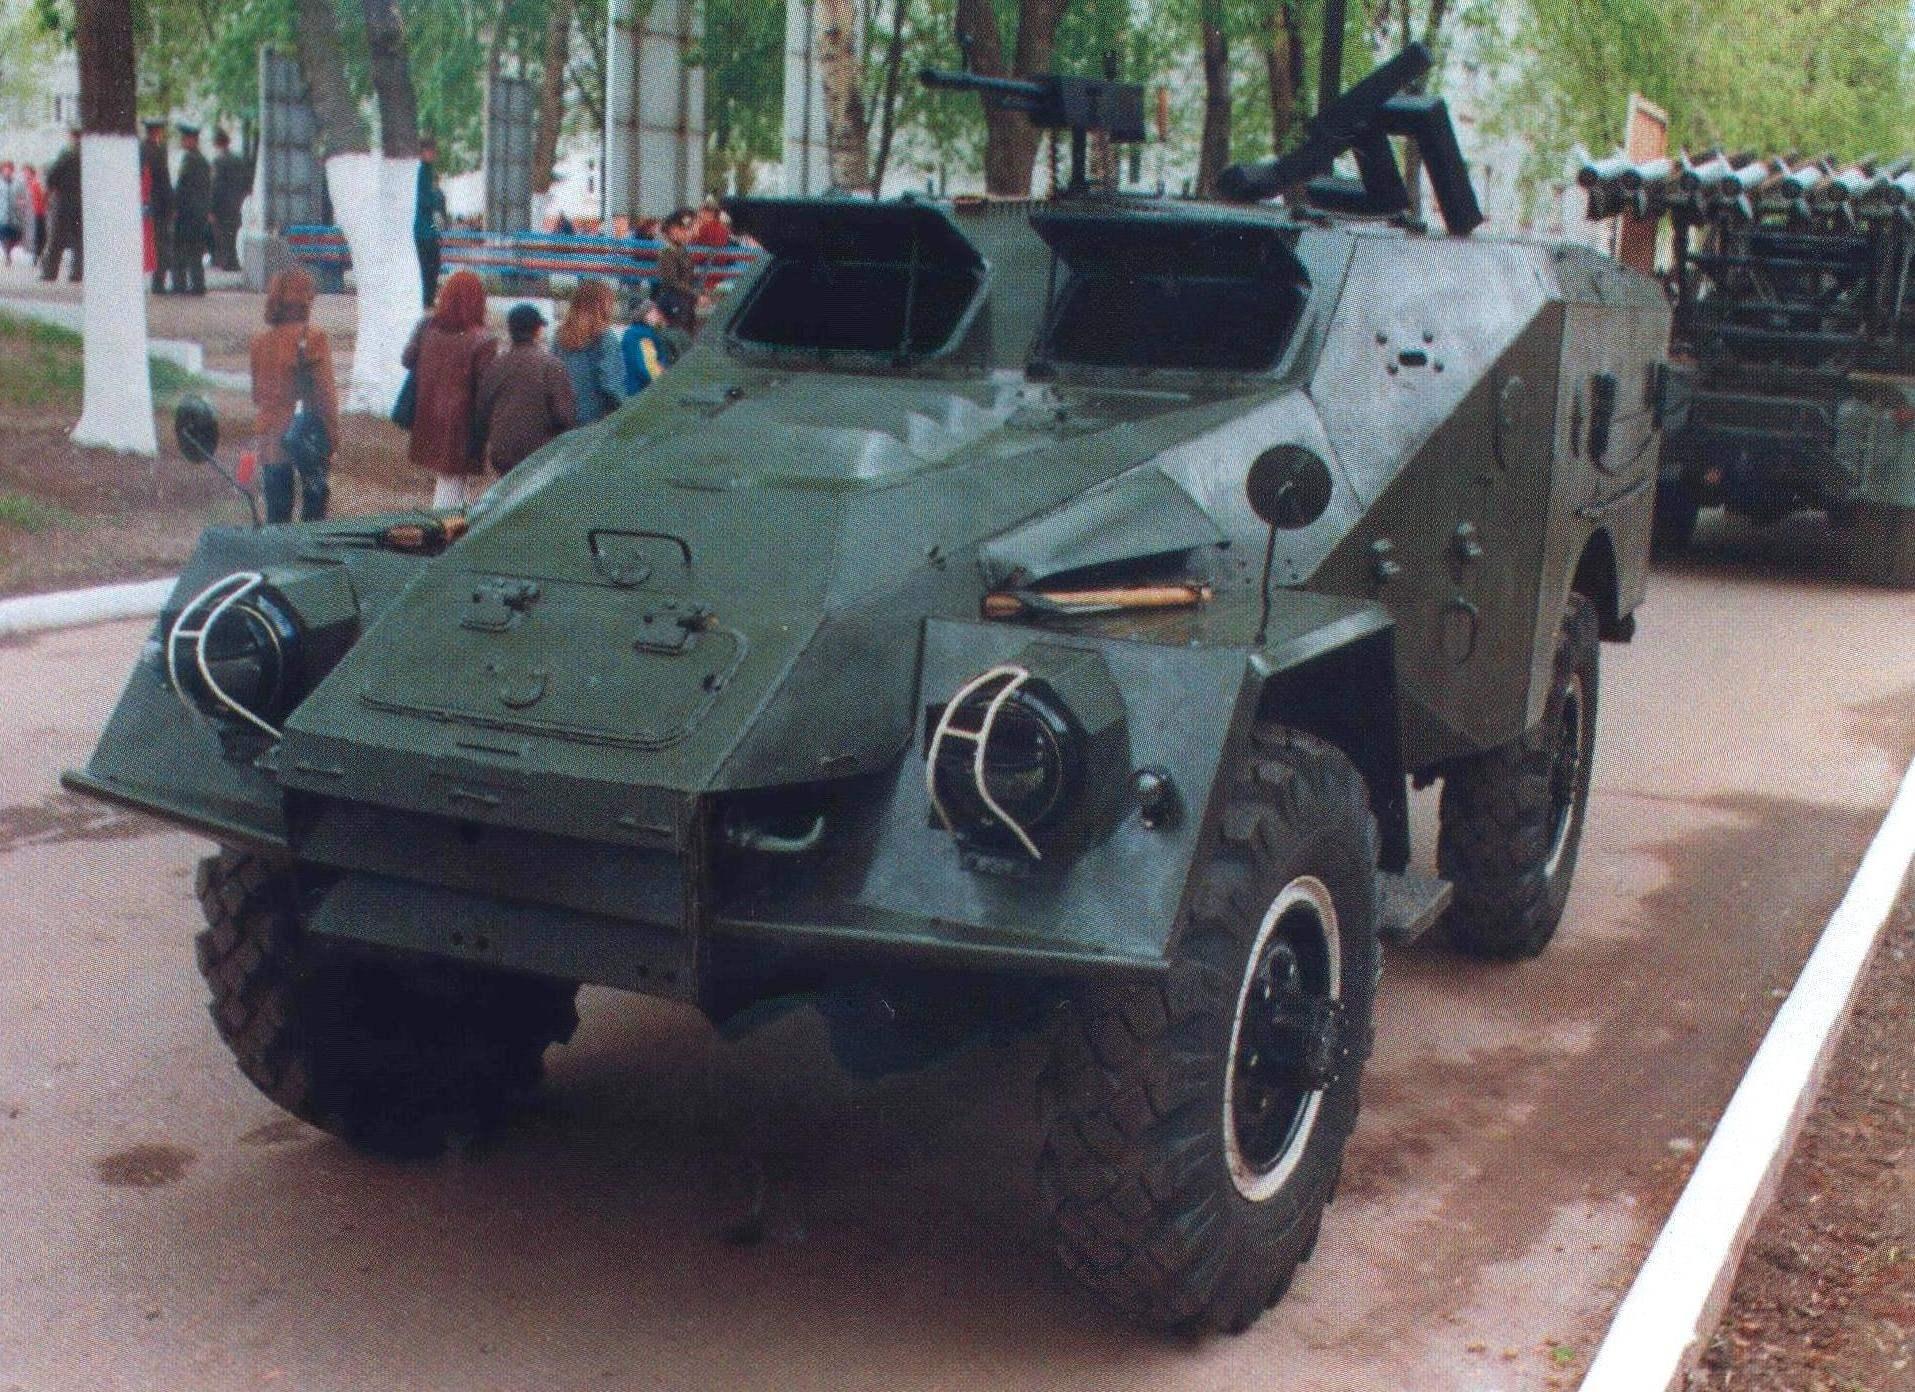 Бронетранспортер БТР-40Б из коллекции Музея военной автомобильной техники. Рязань, 7 мая 2000 года